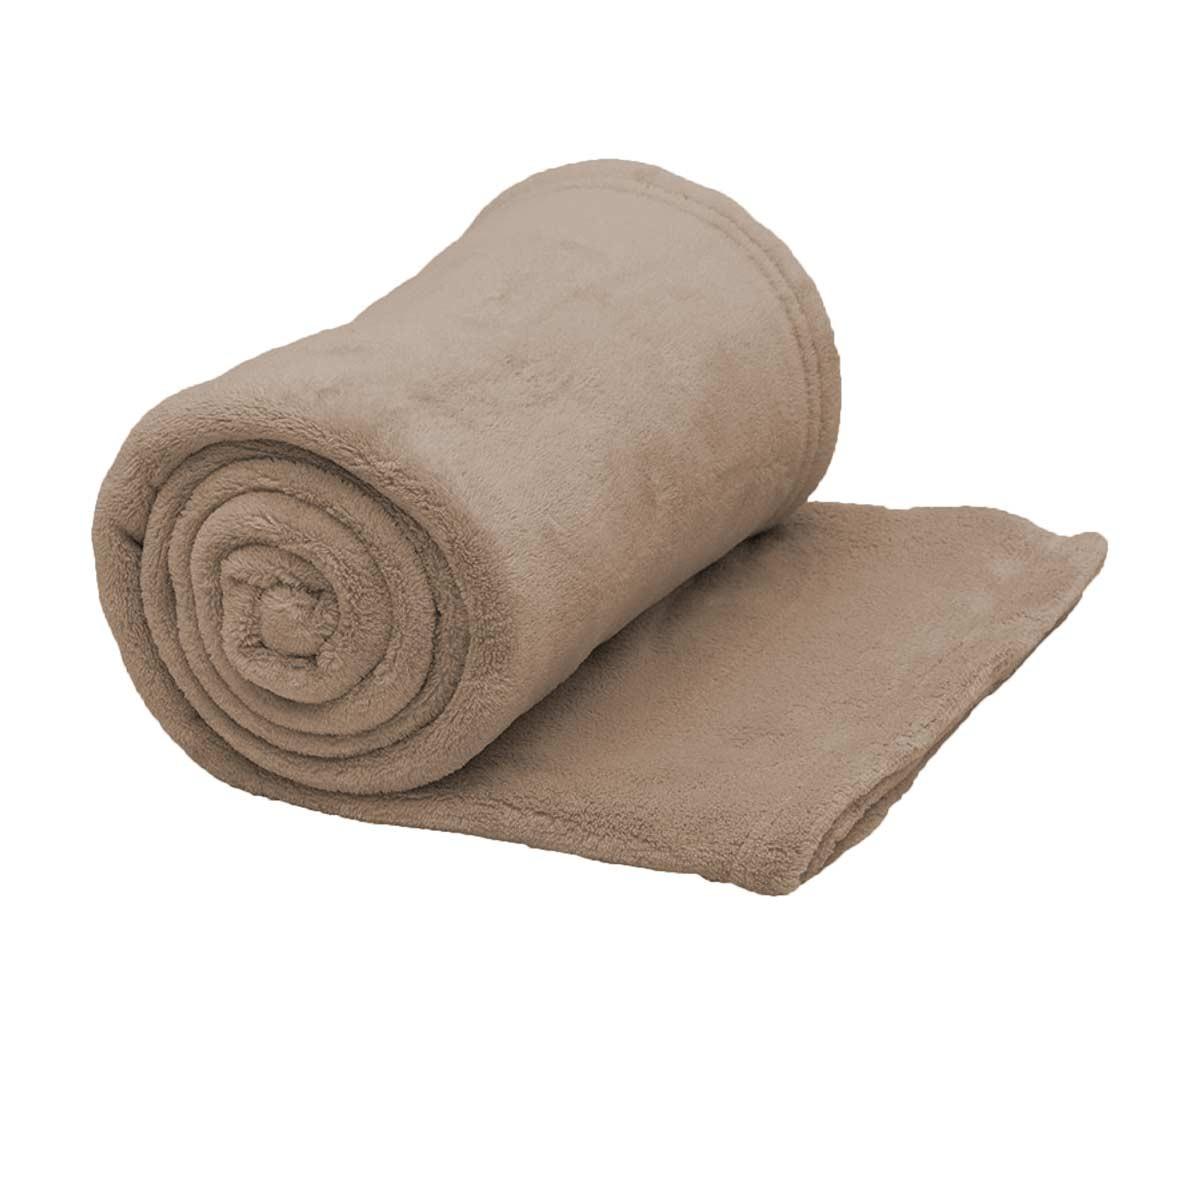 Κουβέρτα Fleece Υπέρδιπλη Viopros Λινό 60900